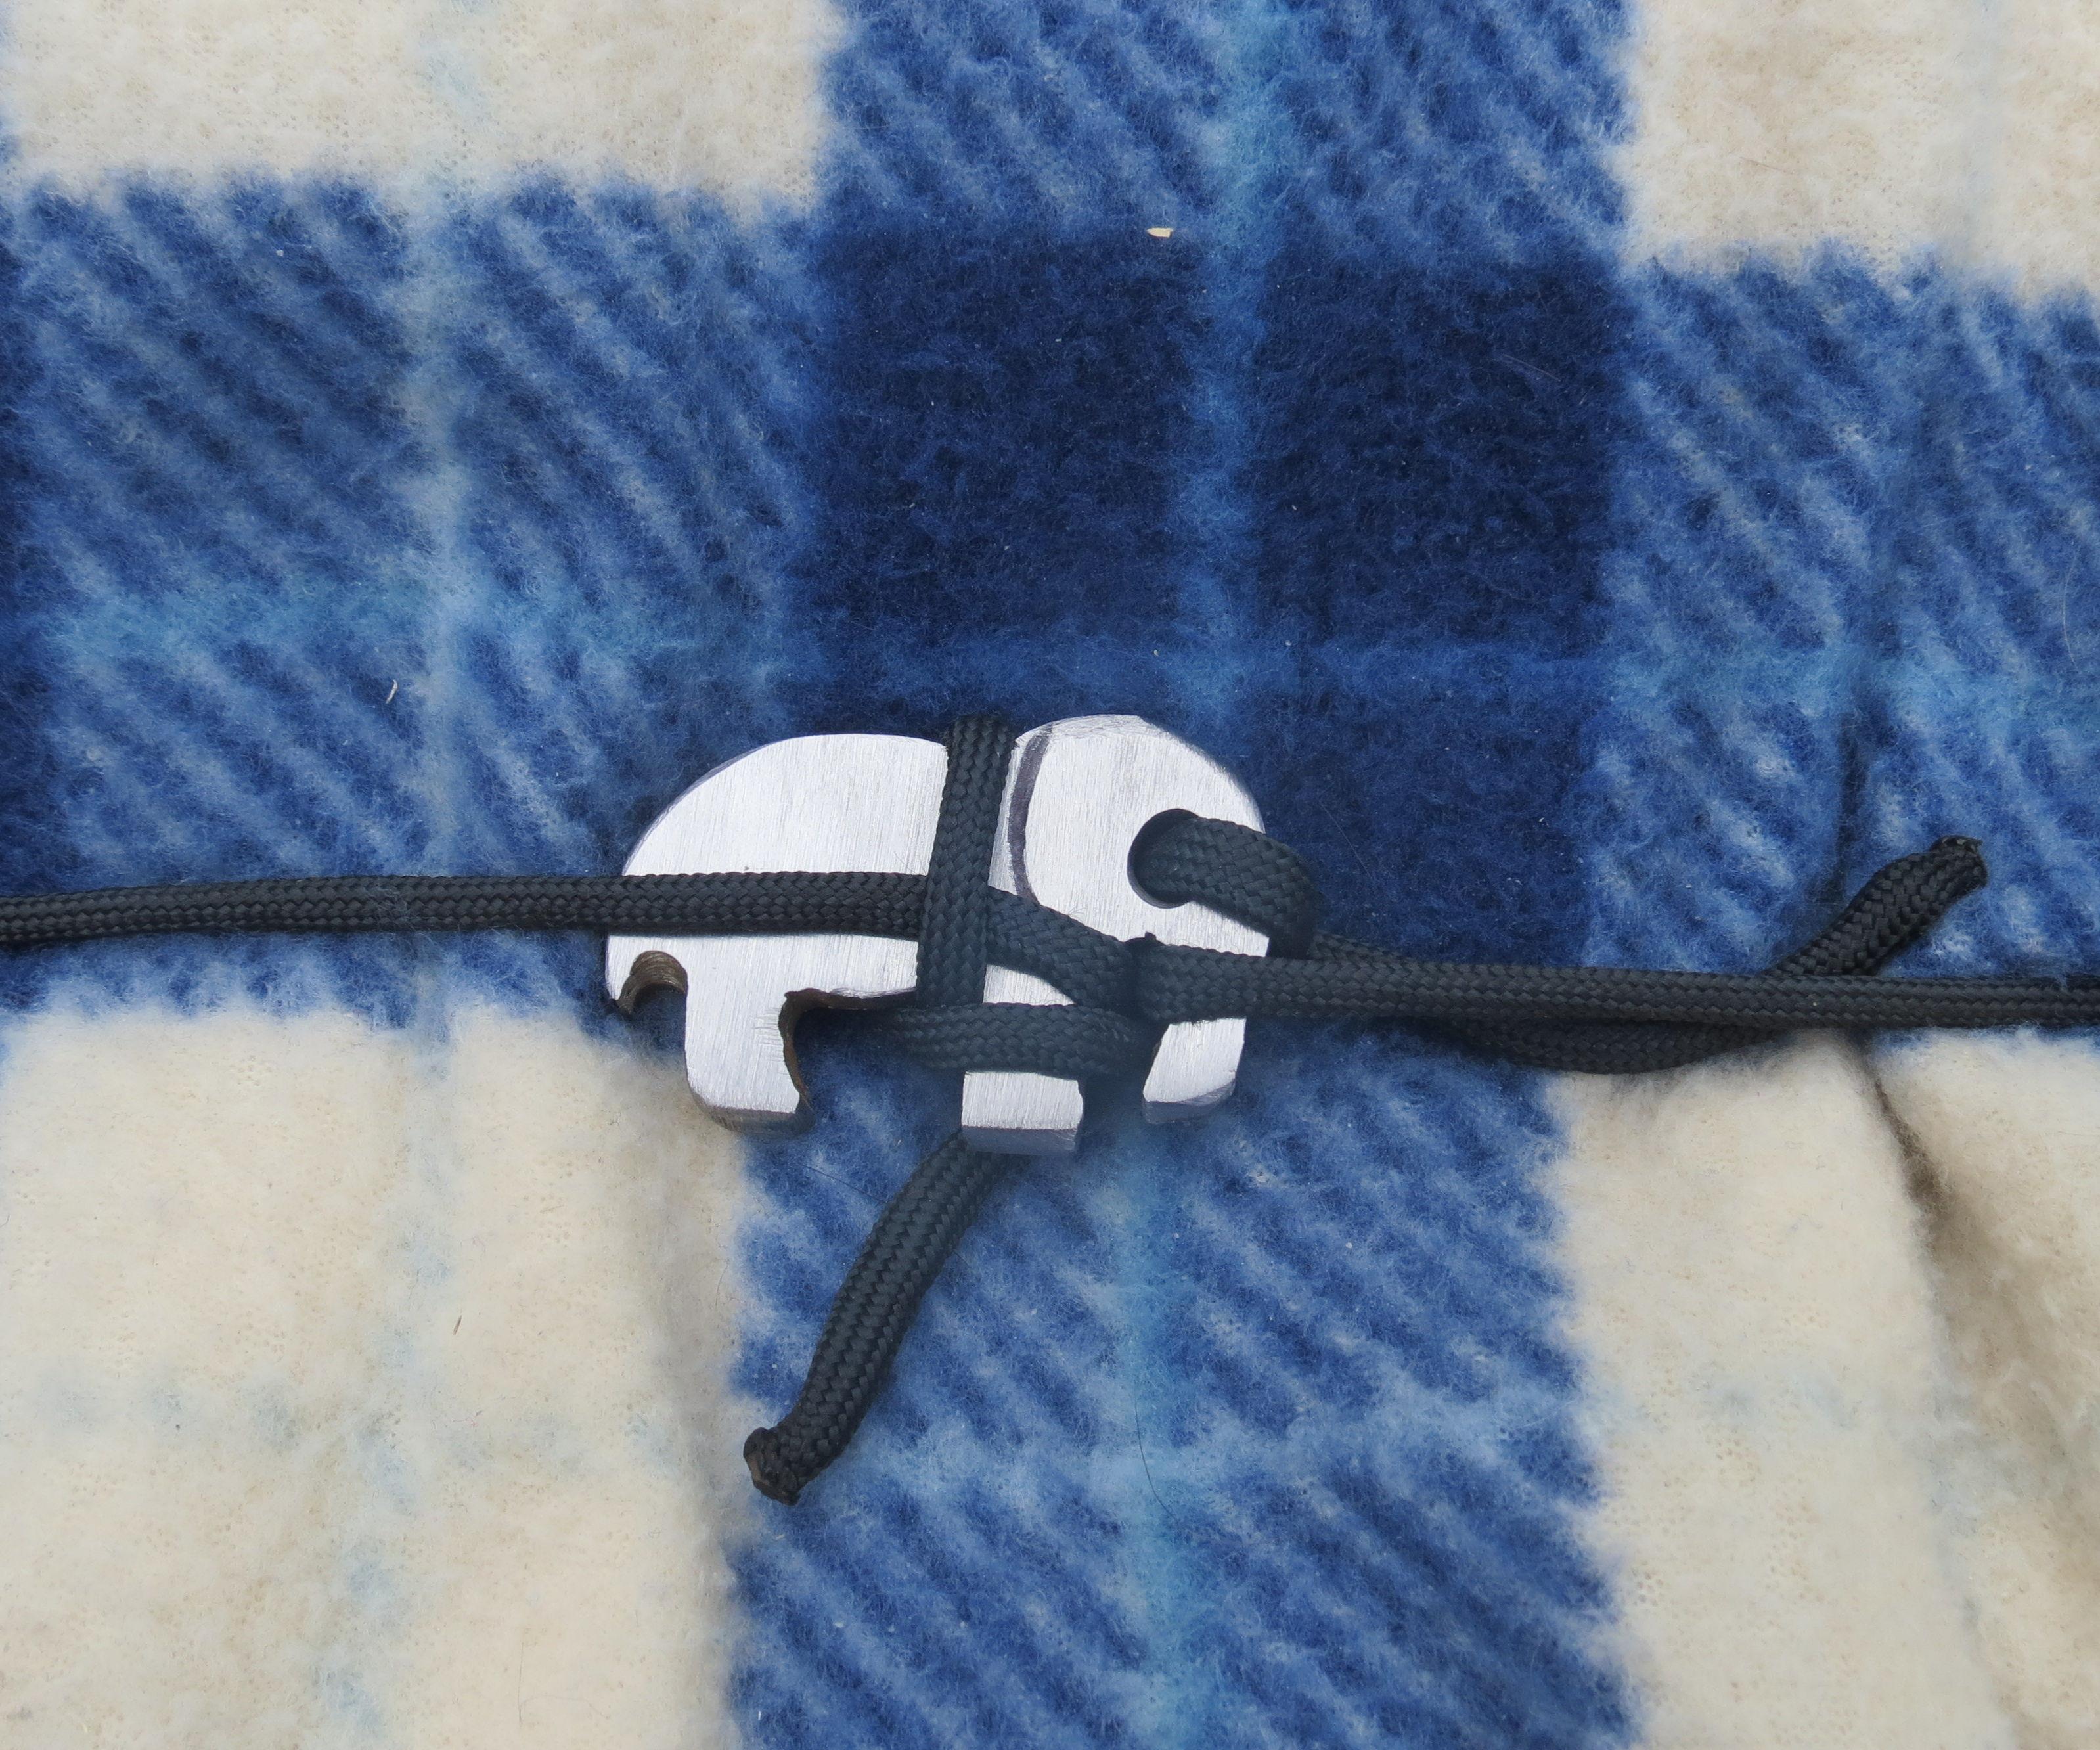 Elephant - Knotless Gear Tie Remix